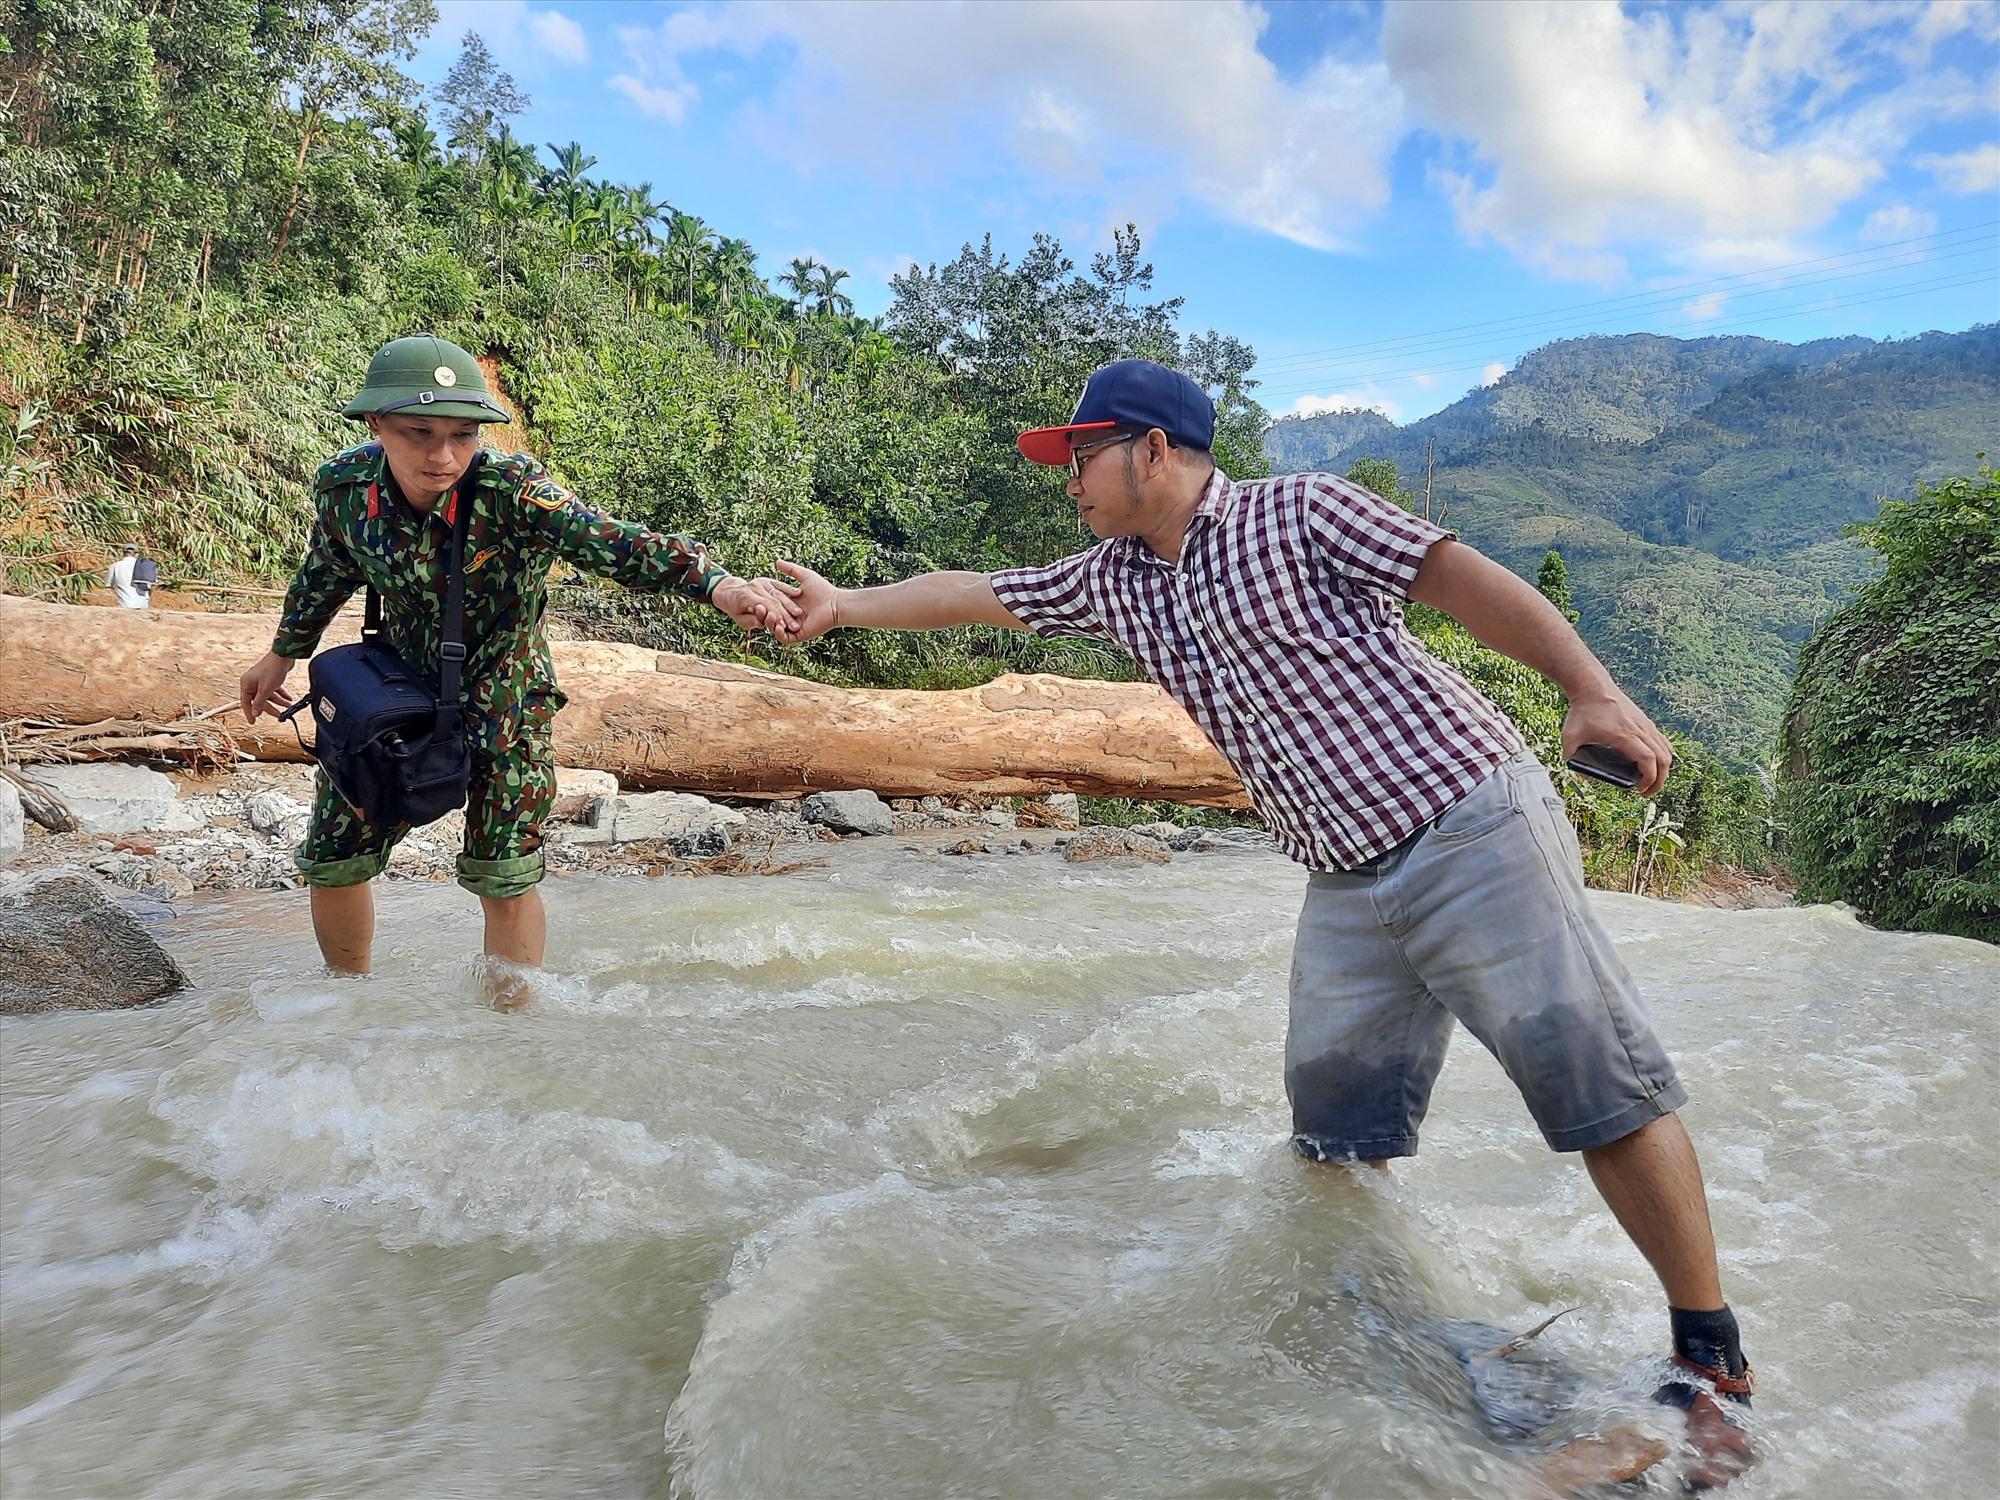 Nhà báo Alăng Ngước (bên phải) hỗ trợ đồng nghiệp kênh Truyền hình Quốc phòng Việt Nam vượt lũ trên chuyến tác nghiệp tại Trà Leng. Ảnh: Đ.N